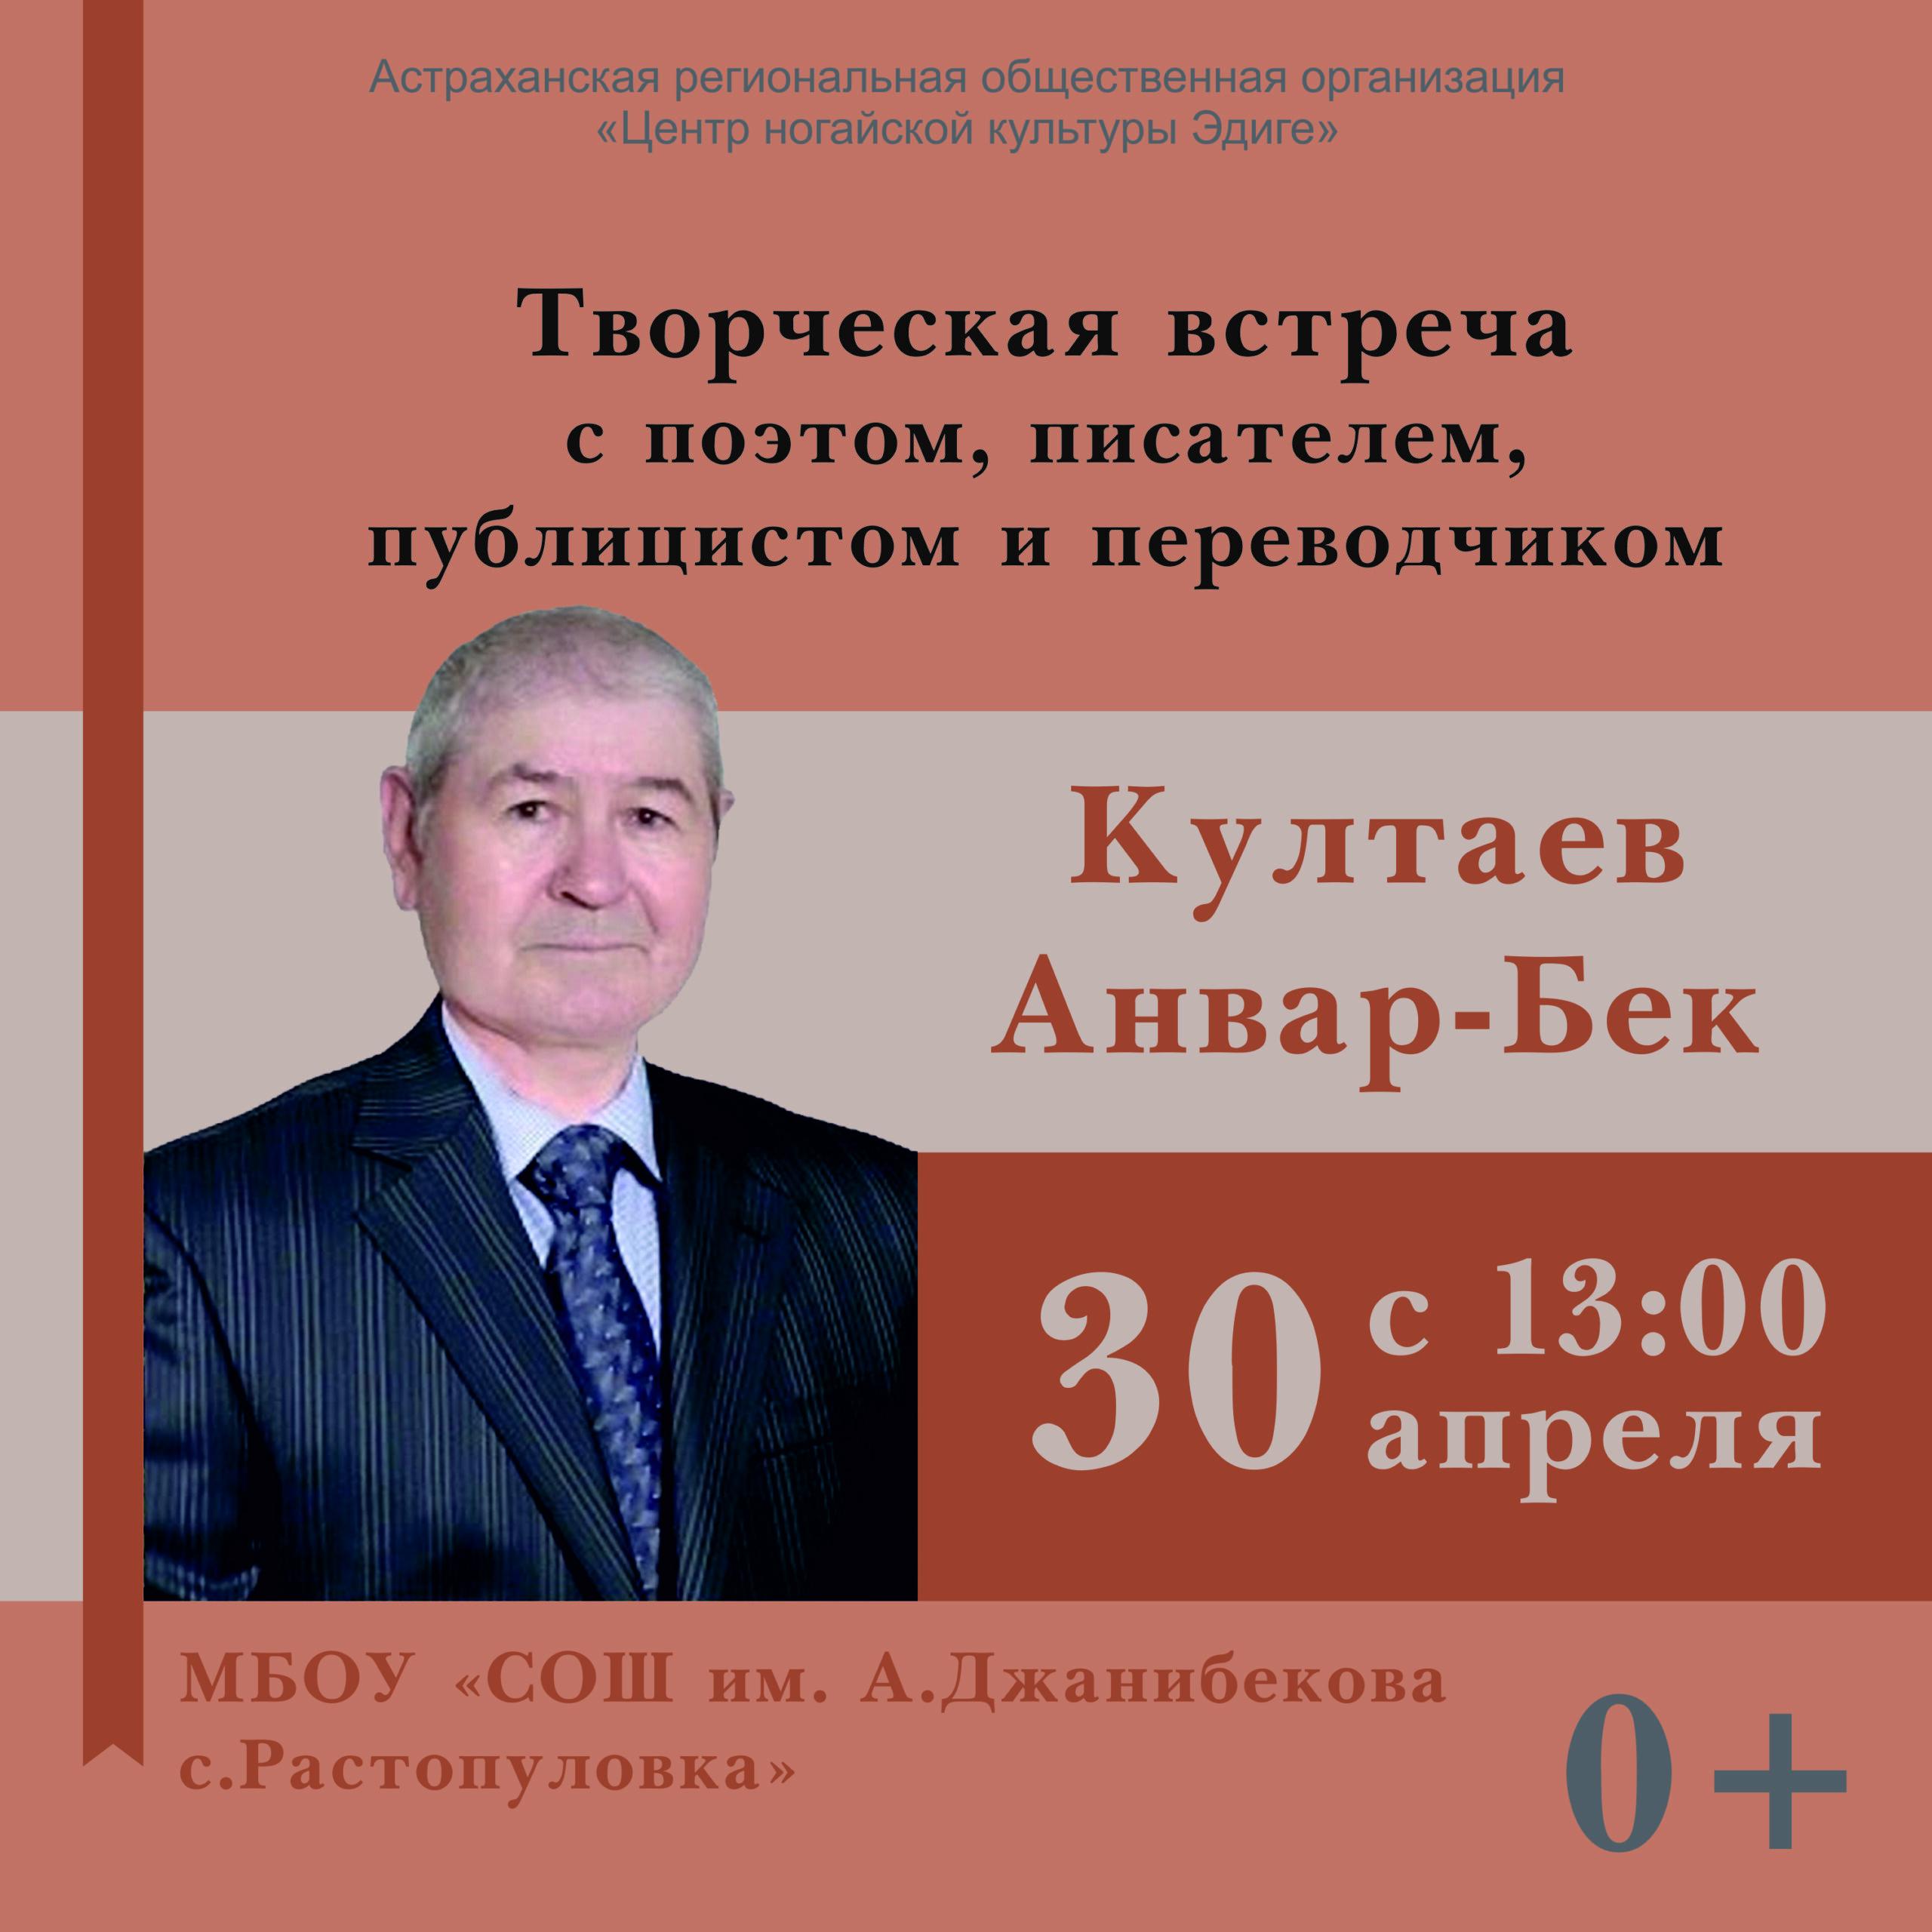 Творческая встреча с ногайским писателем Анвар-Беком Култаевым